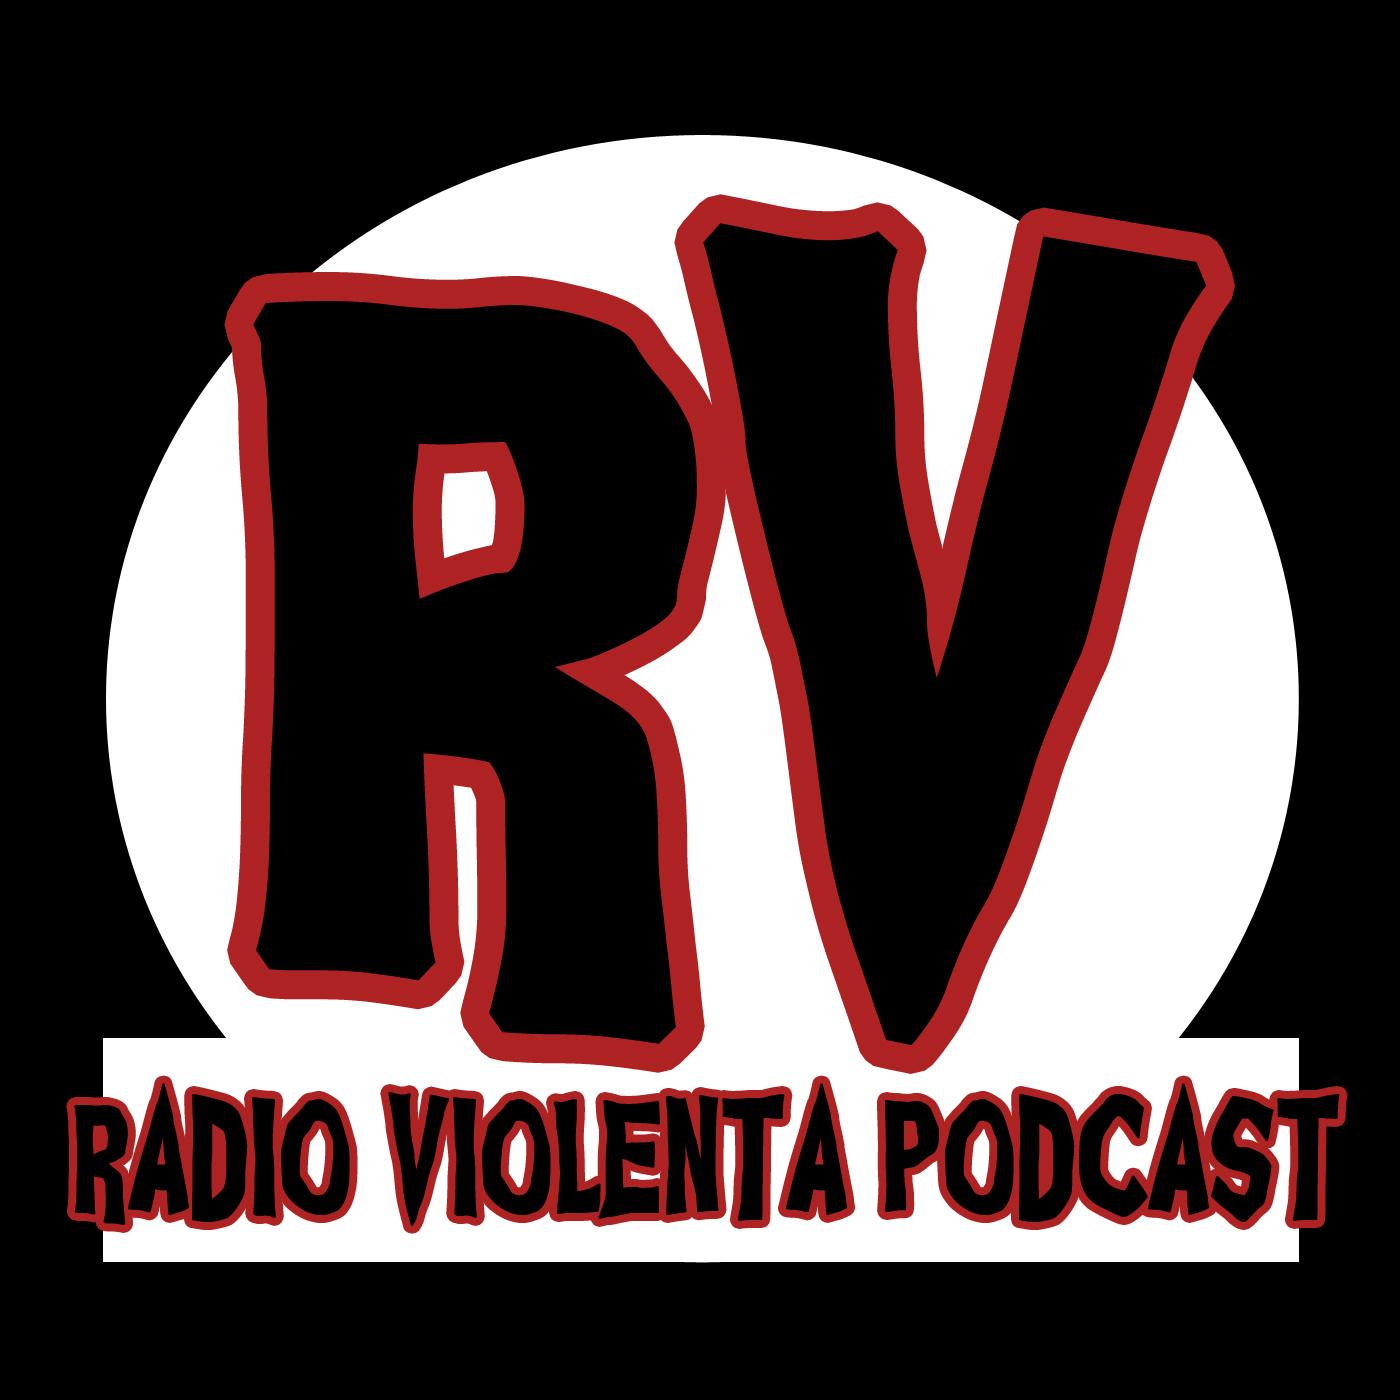 Radio Violenta podcast